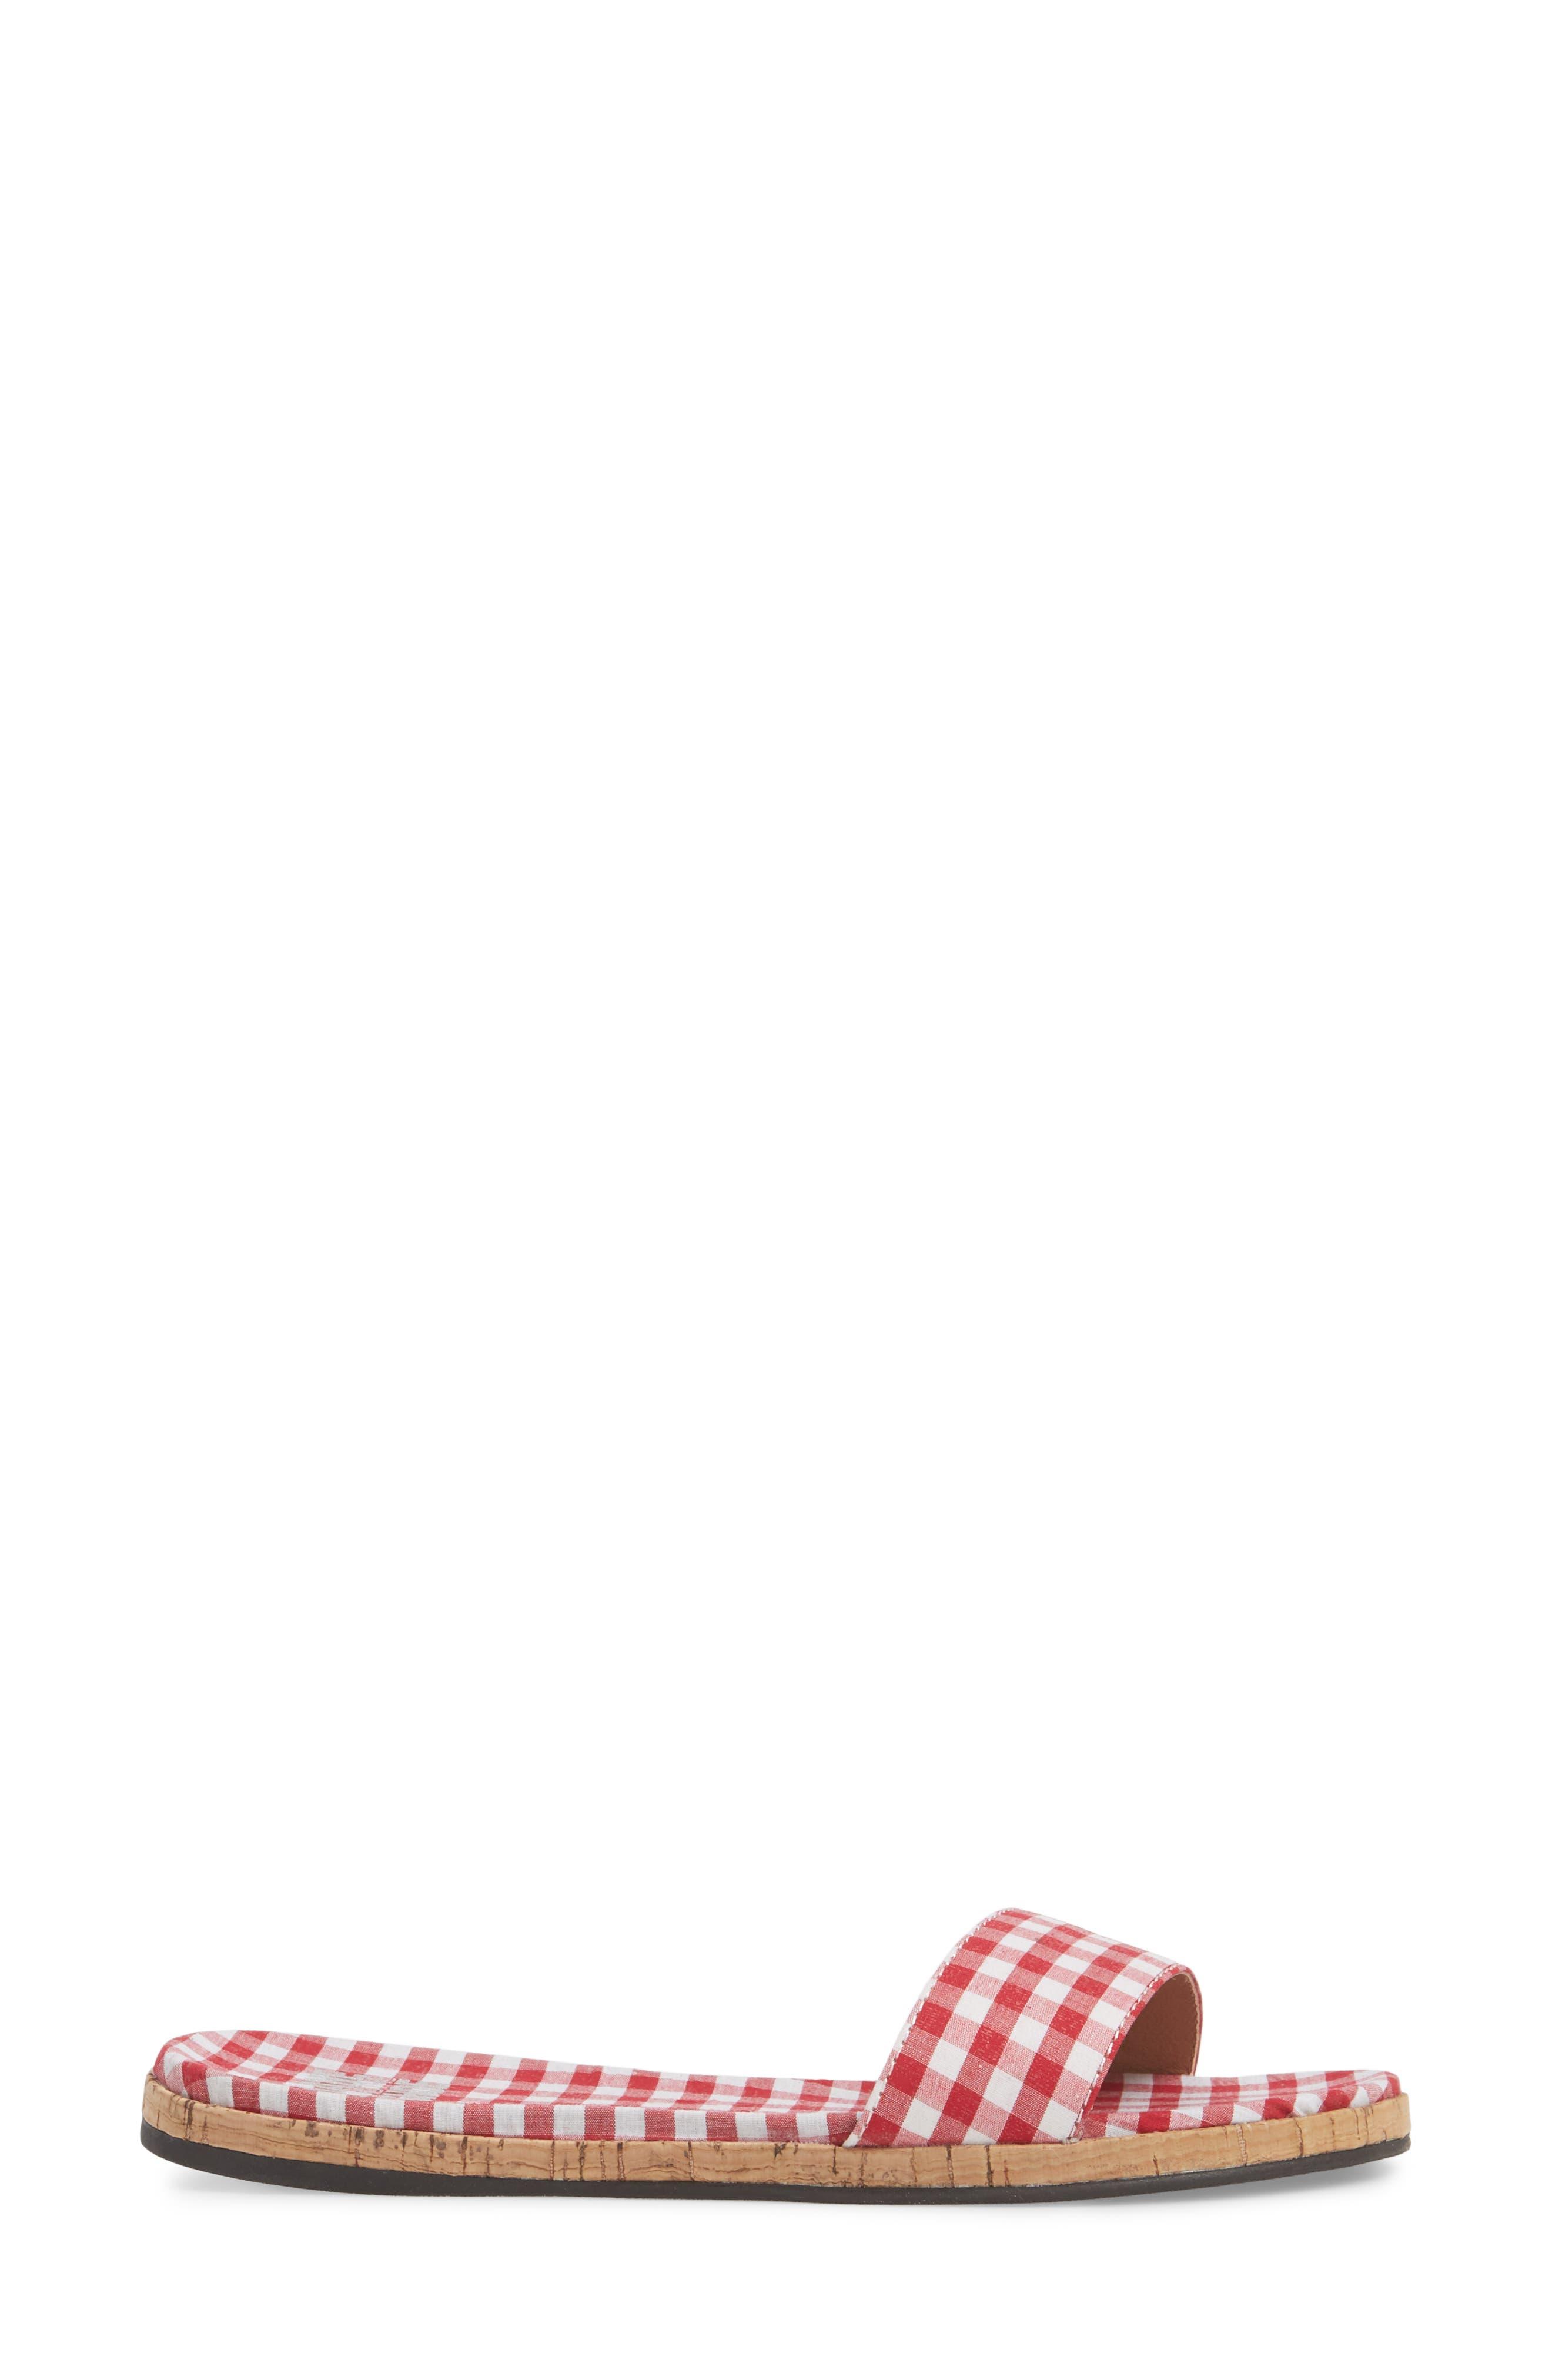 Jill Thin Band Slide Sandal,                             Alternate thumbnail 3, color,                             Red Gingham